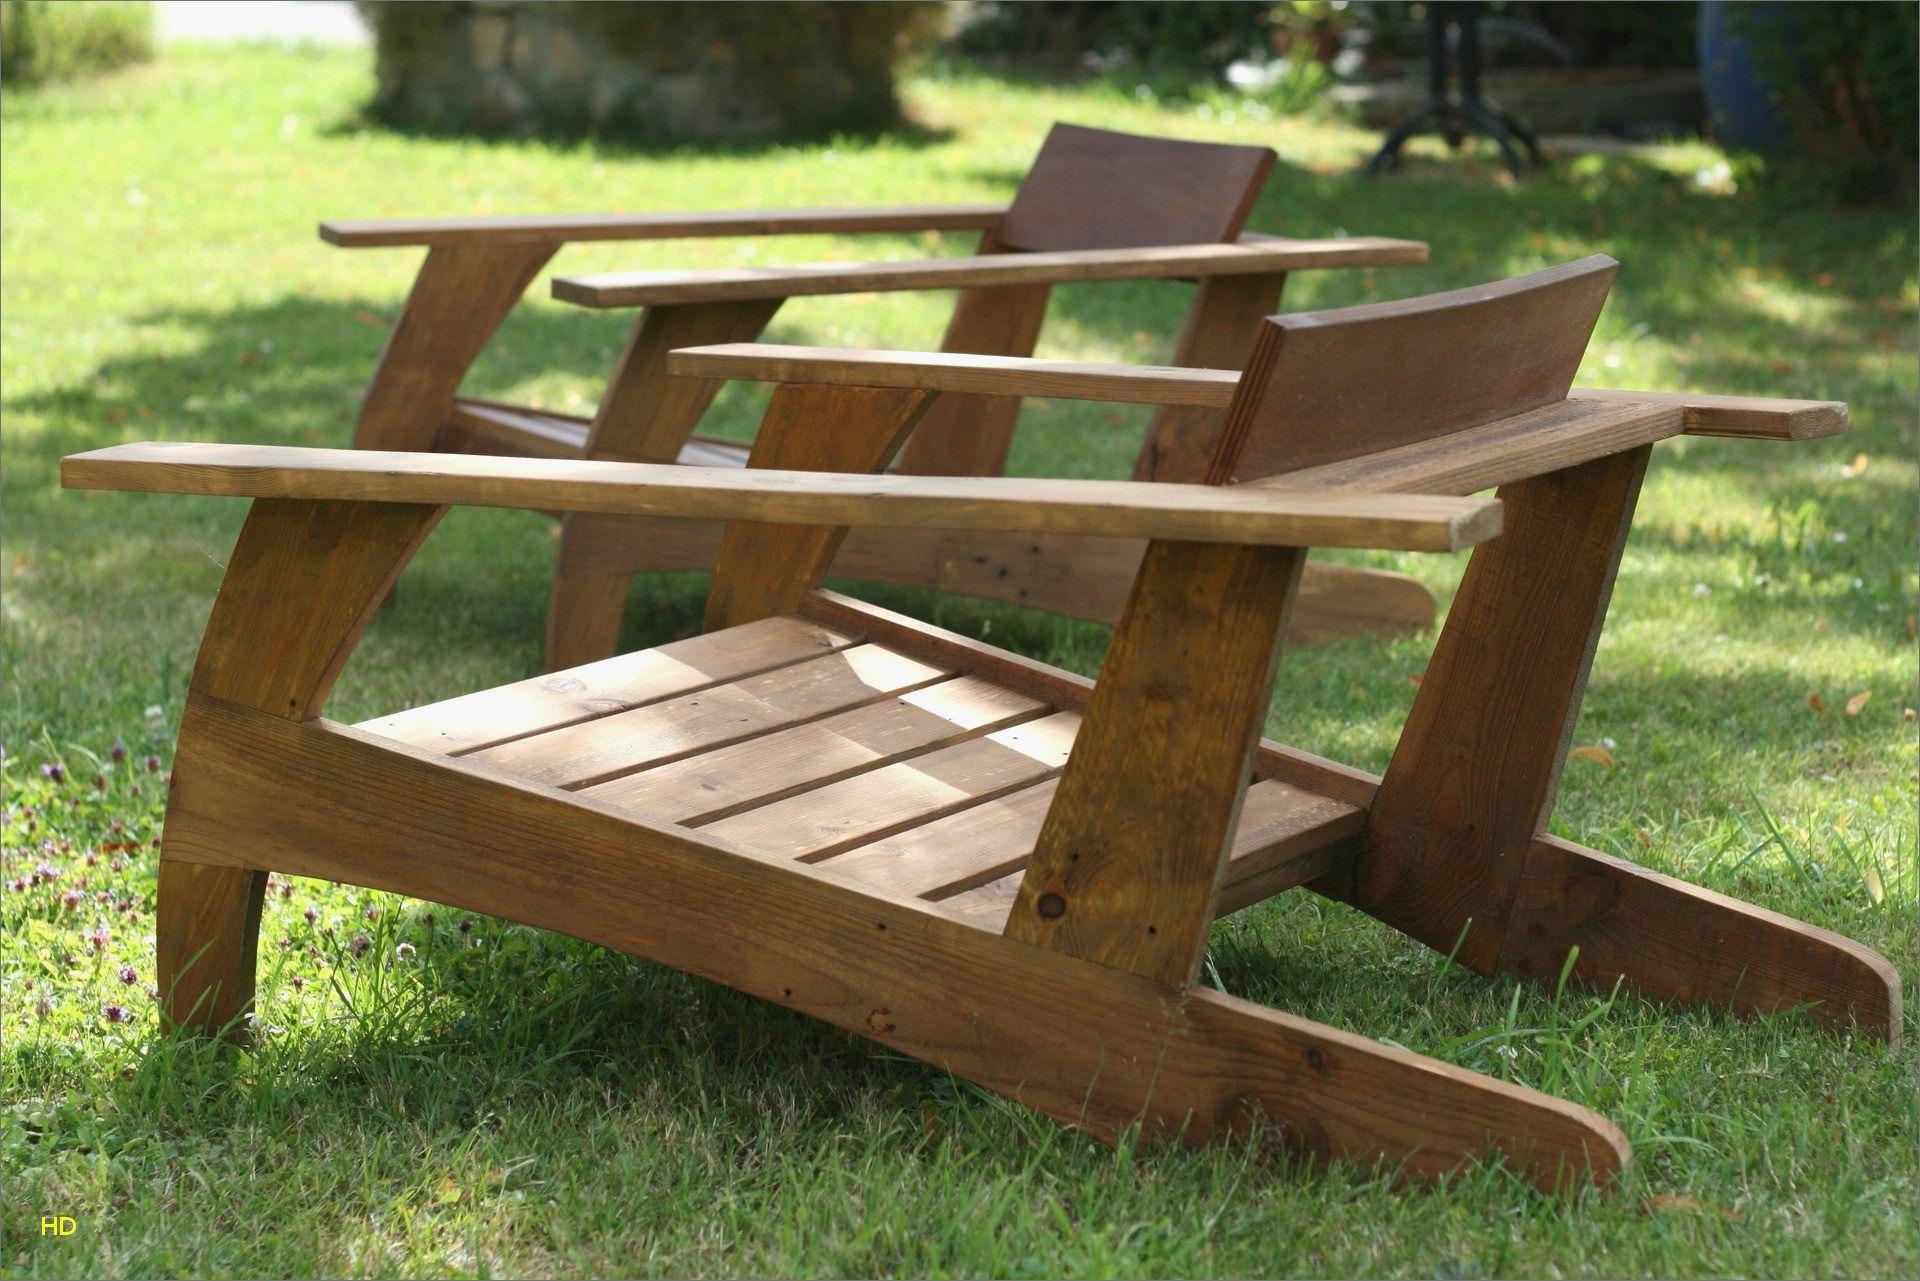 auchan table jardin beau meuble tv auchan magnifique banc de jardin design au jardin of auchan table jardin